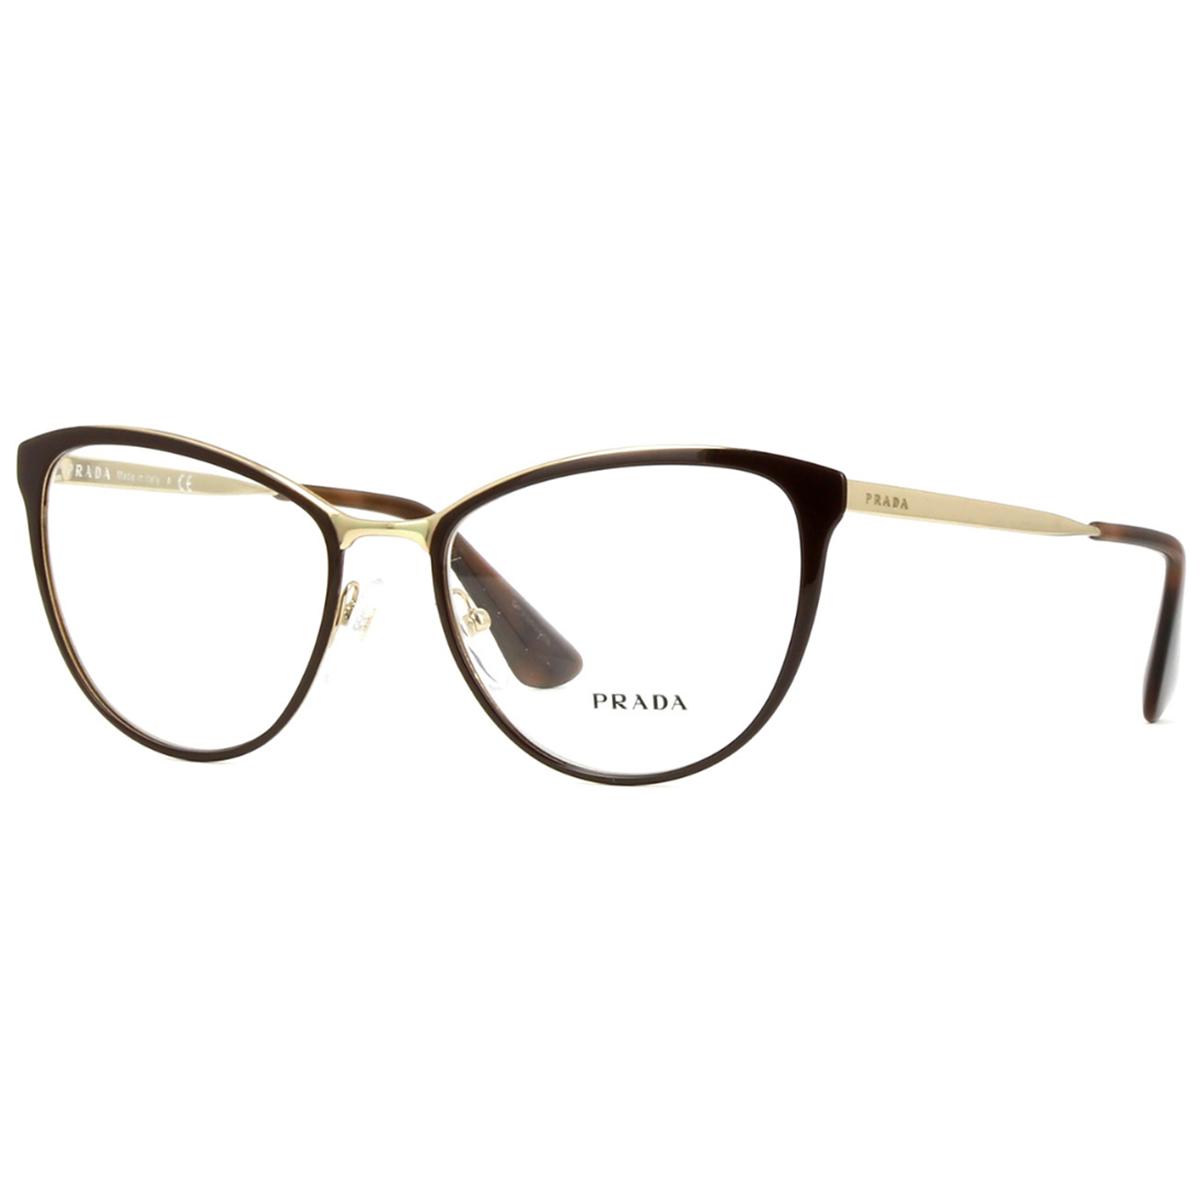 4b4be3a162410 Compre Óculos de Grau Prada em 10X